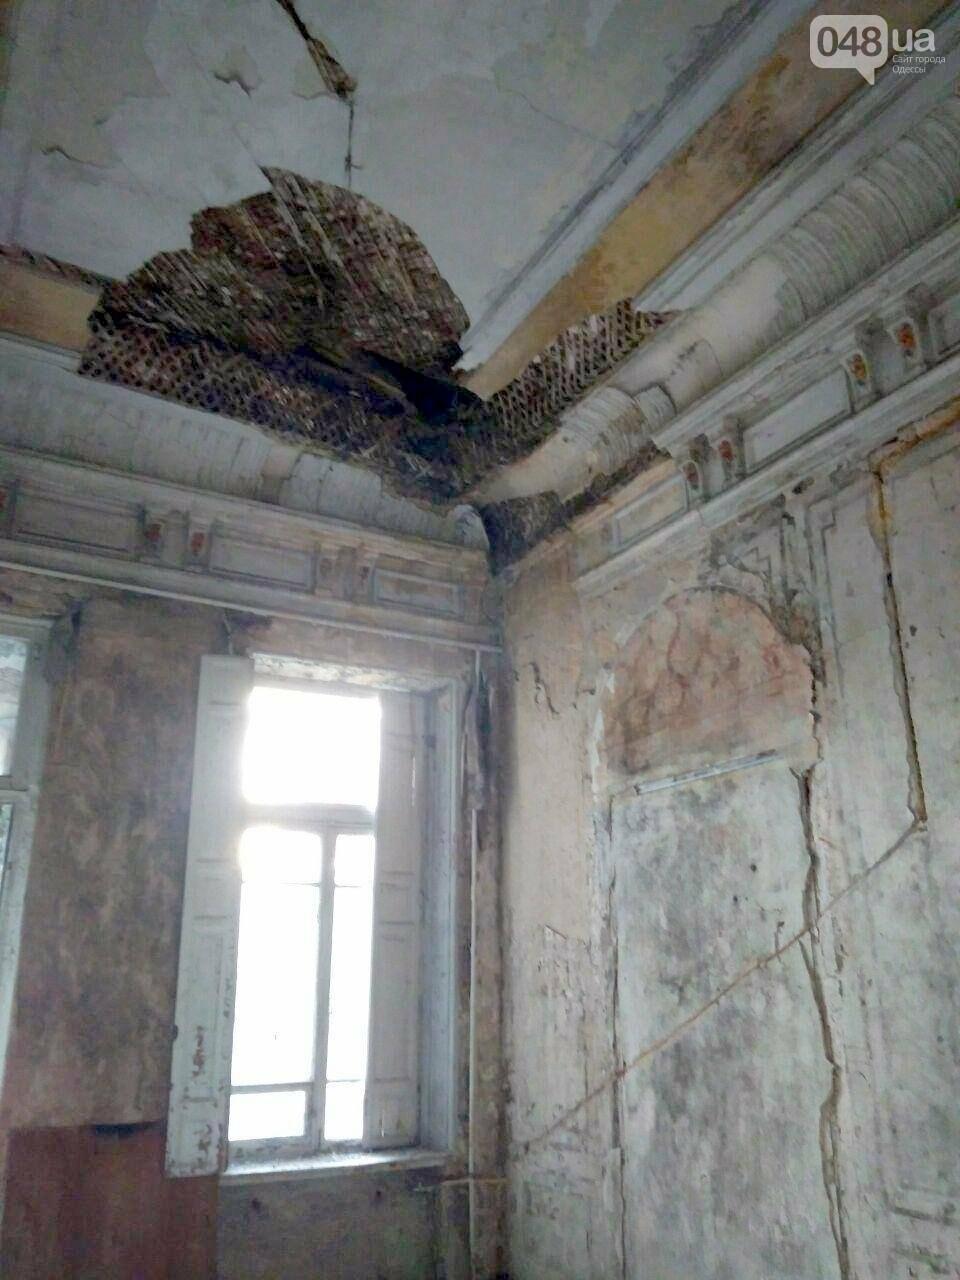 Поймать привидение или провалиться в подземелье: Одесский Дом Гоголя изнутри (ФОТО), фото-3